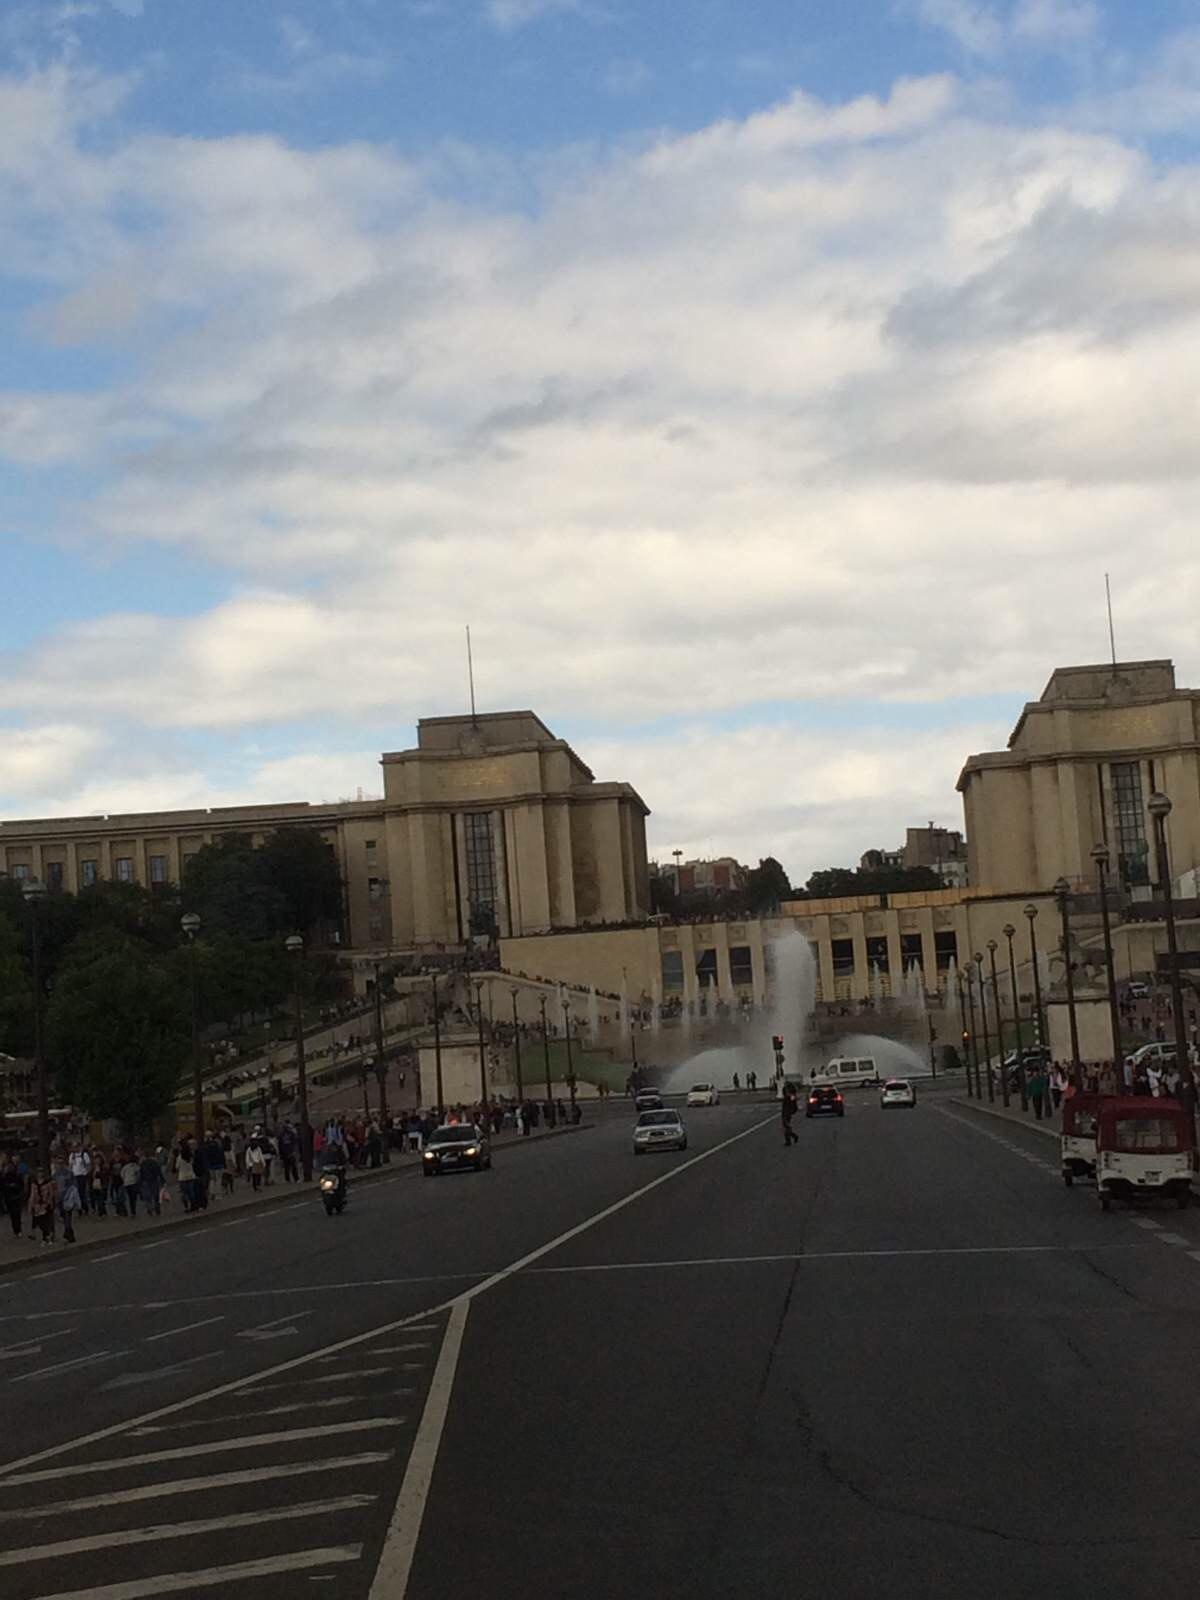 巴黎铁塔塞纳河图片手机壁纸蓝天白云